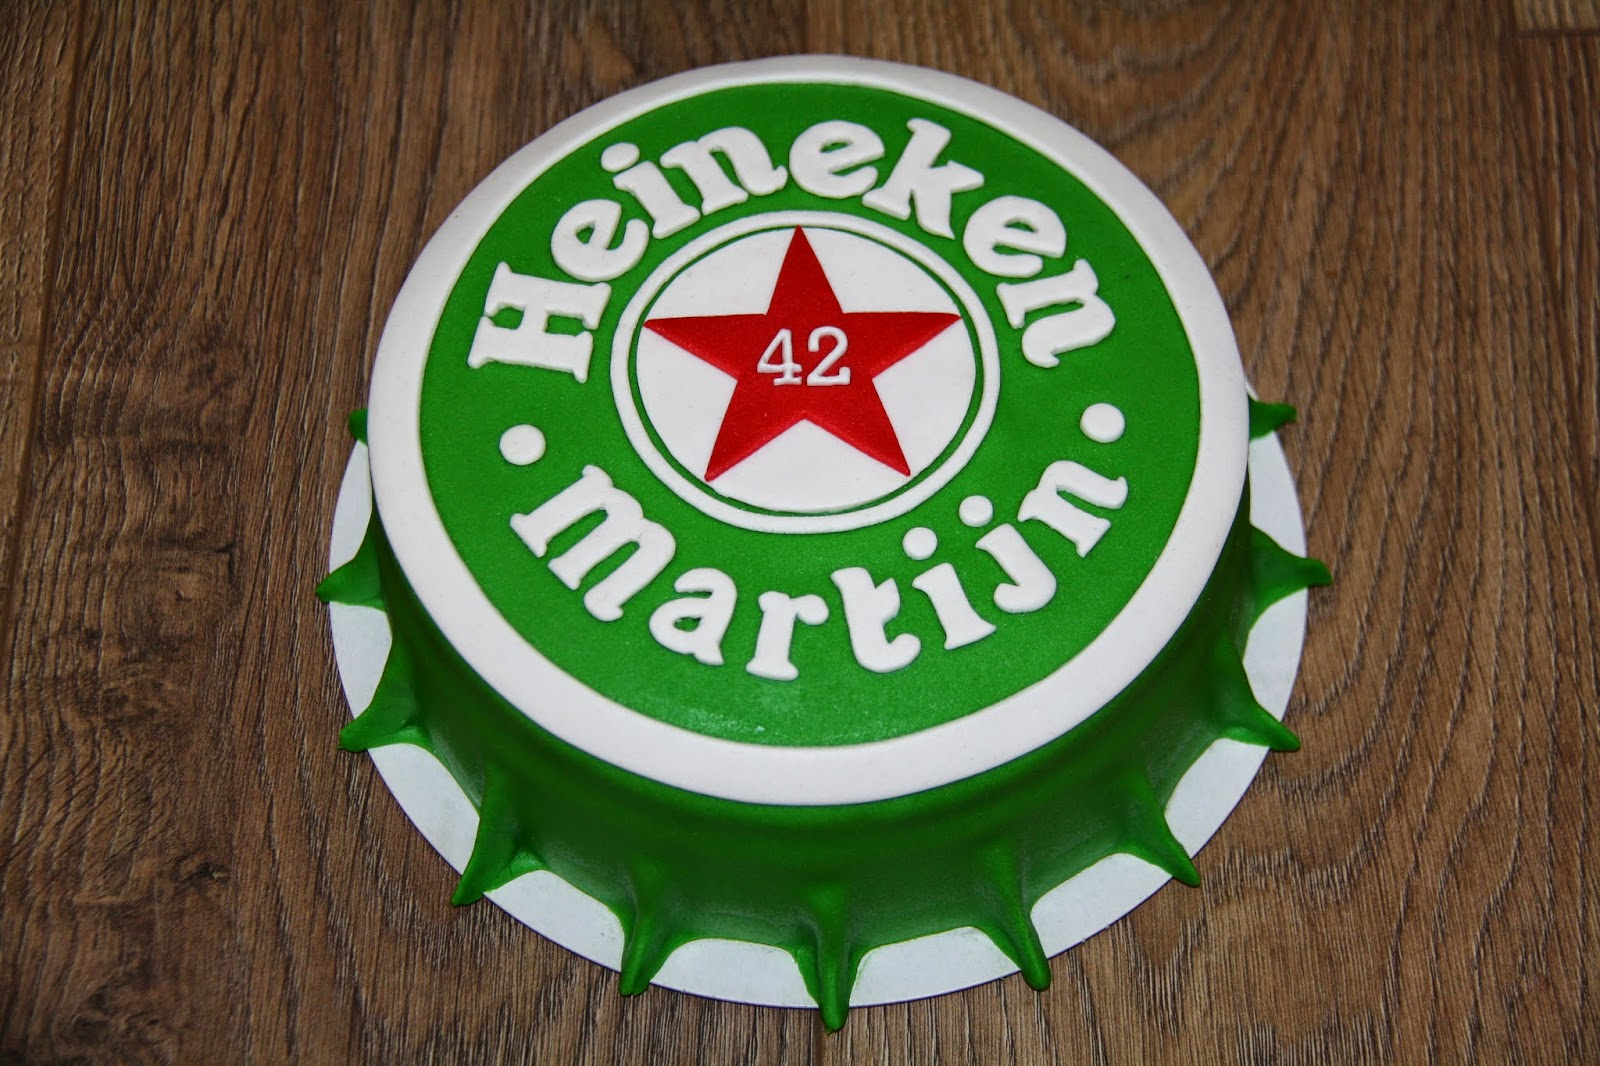 taart heineken Karin's Taarten: Heineken taart taart heineken